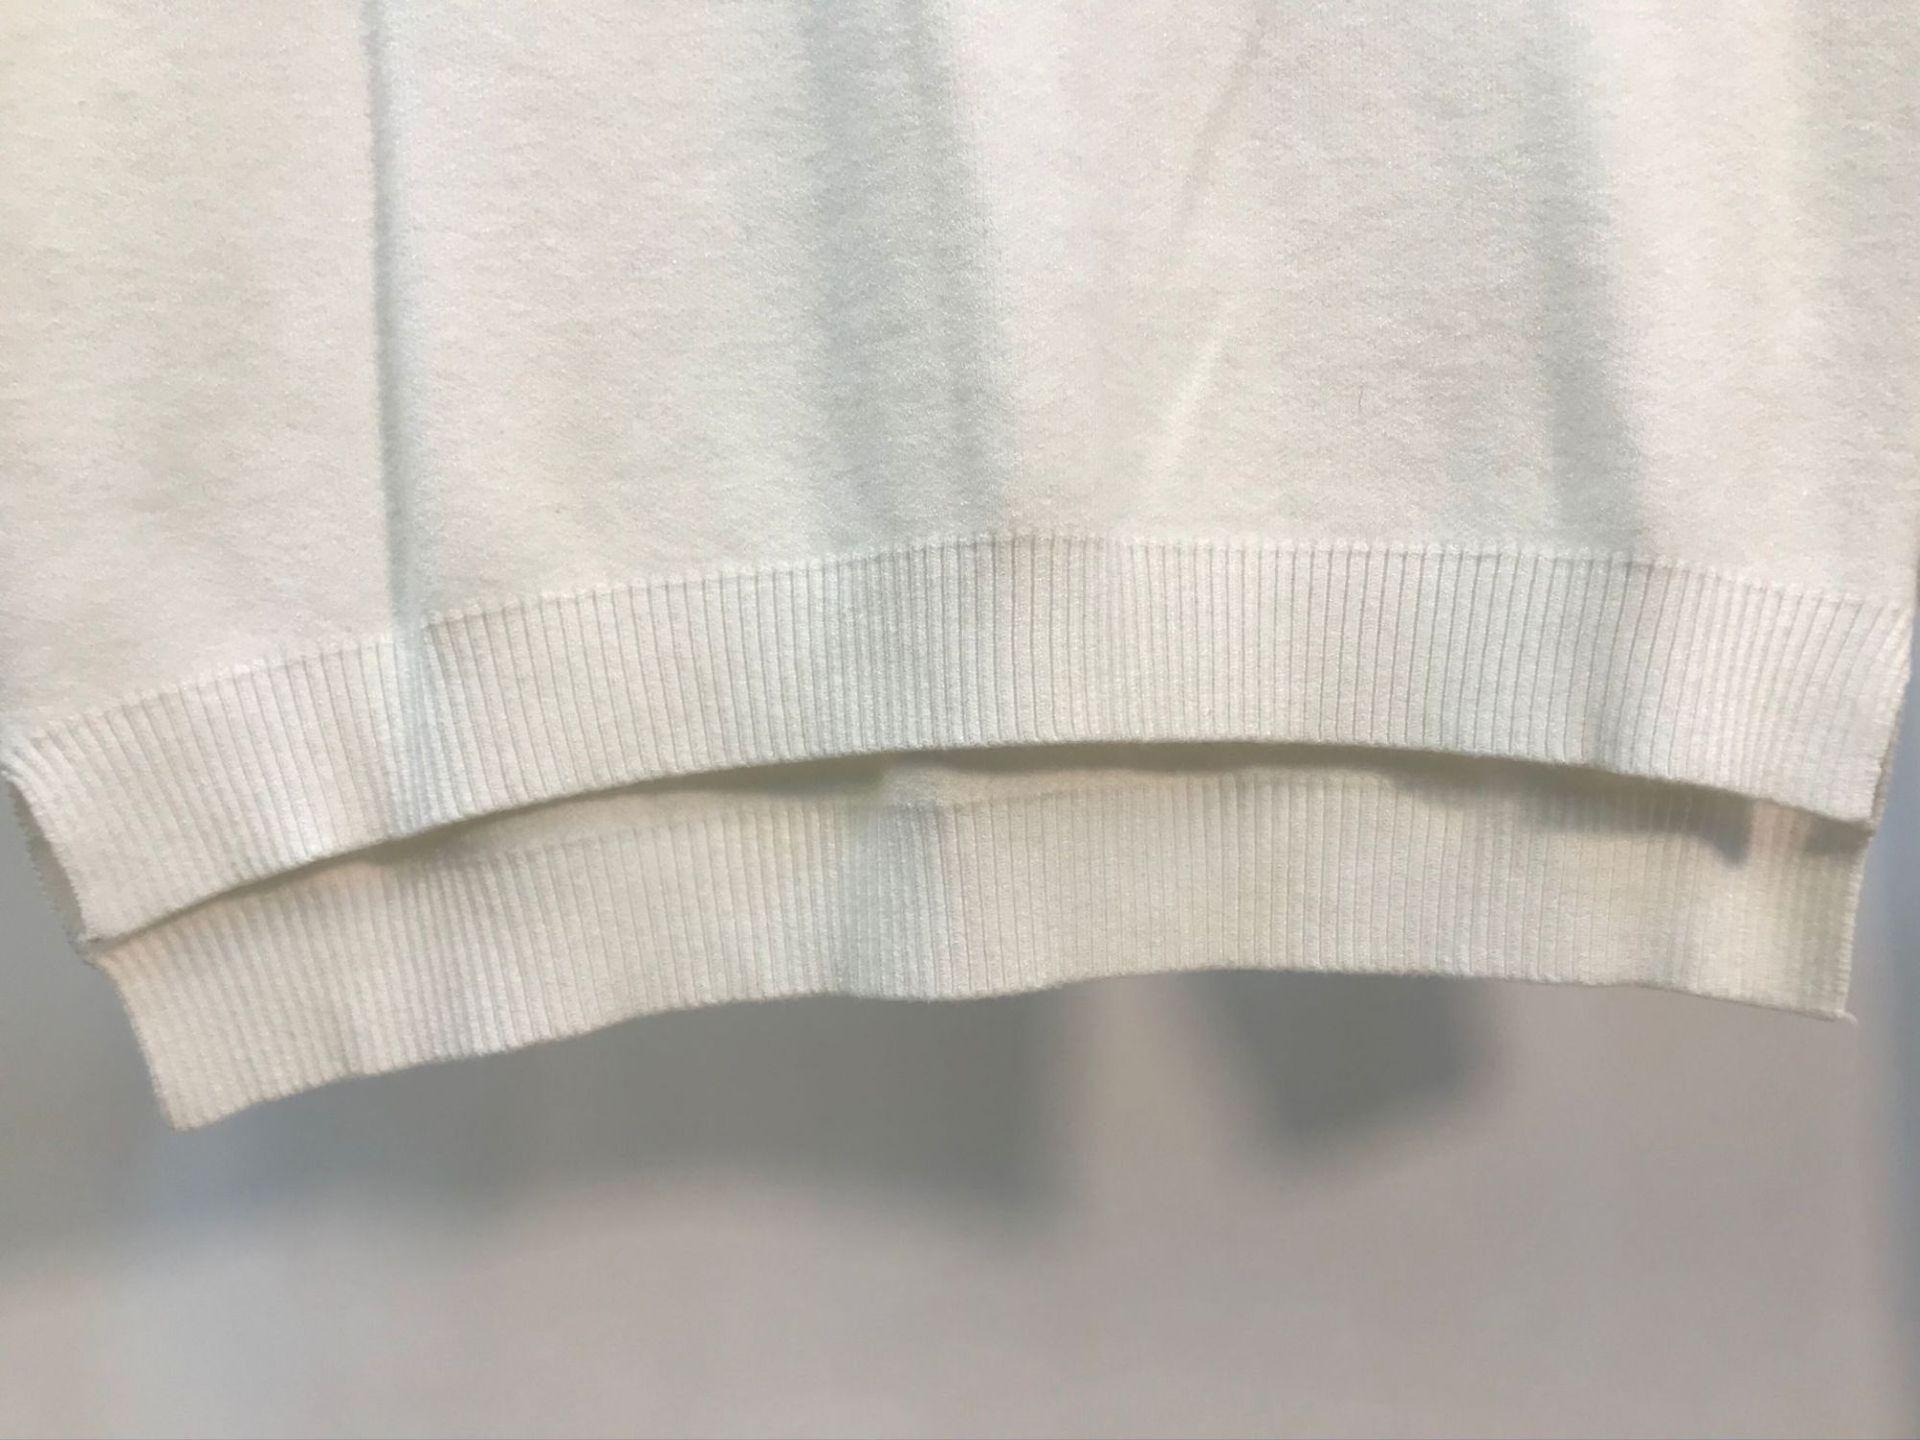 Noir Automne Mode Blanc Lâche Micosoni Tops Dames blanc Beige Chandail De Mince Motif Double Laine Coswoo 2018 Pulls Face Nouveautés wgxxP7E1Sq